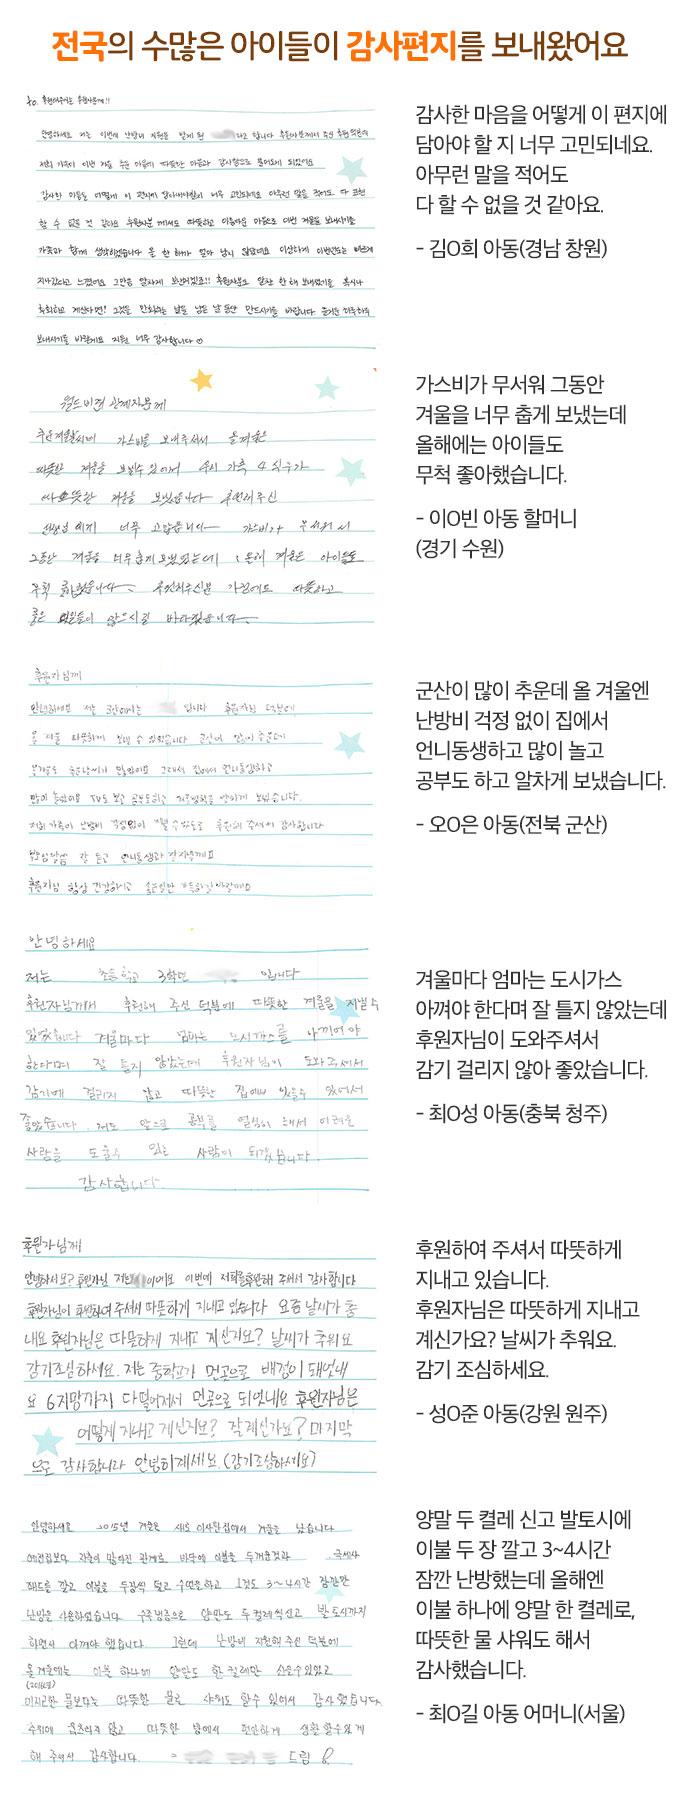 전국의 수많은 아이들이 감사편지를 보내왔어요